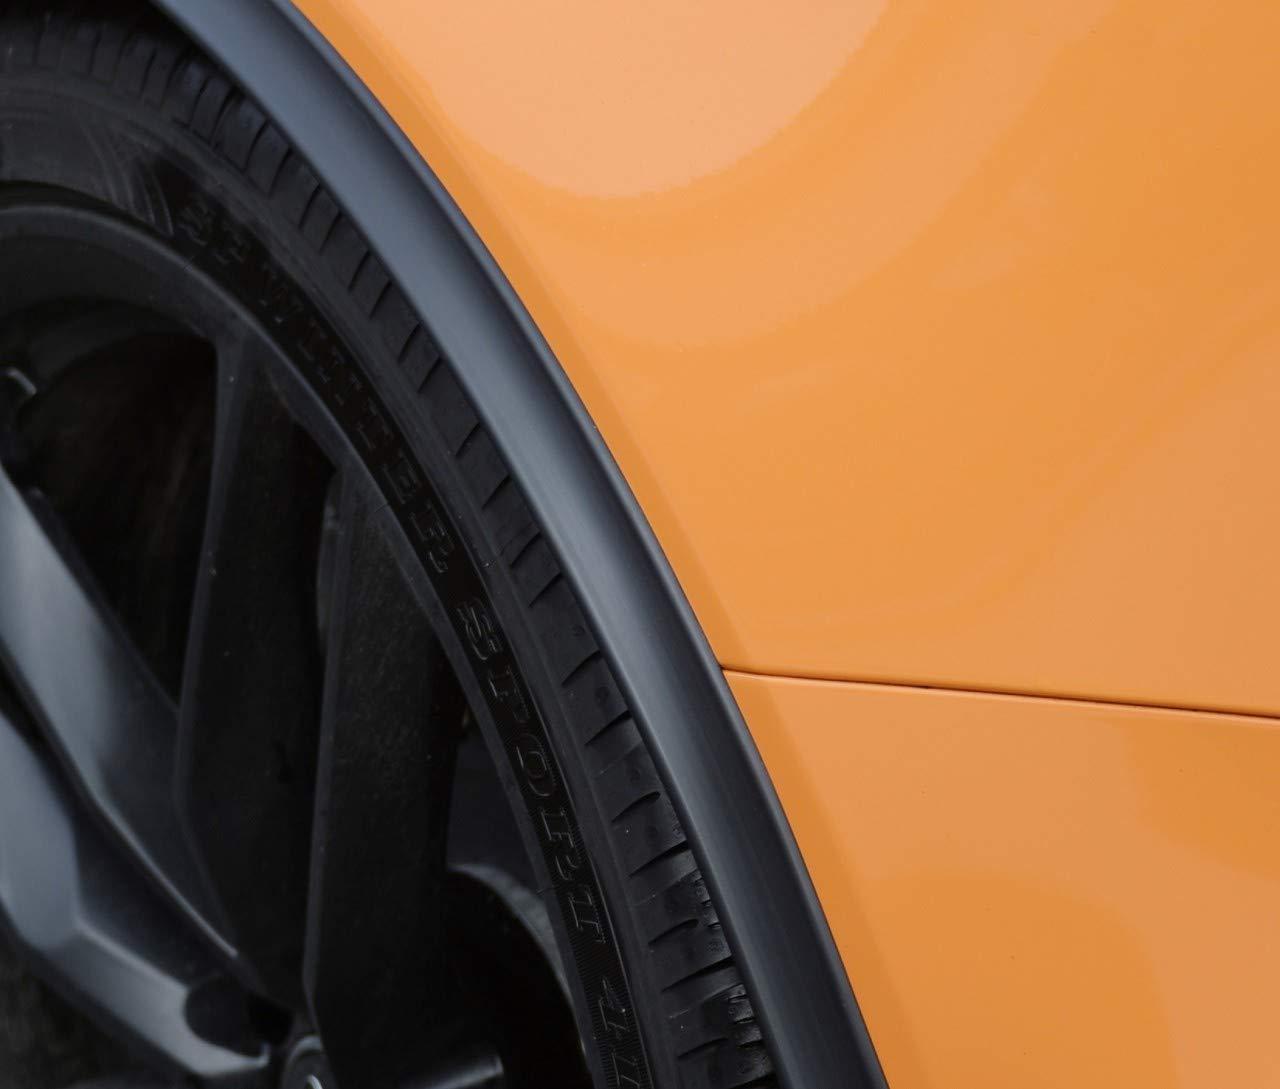 2 St/ück Verbreiterung Kotfl/ügel 20mm pro Seite universell passend f/ür viele Fahrzeuge.